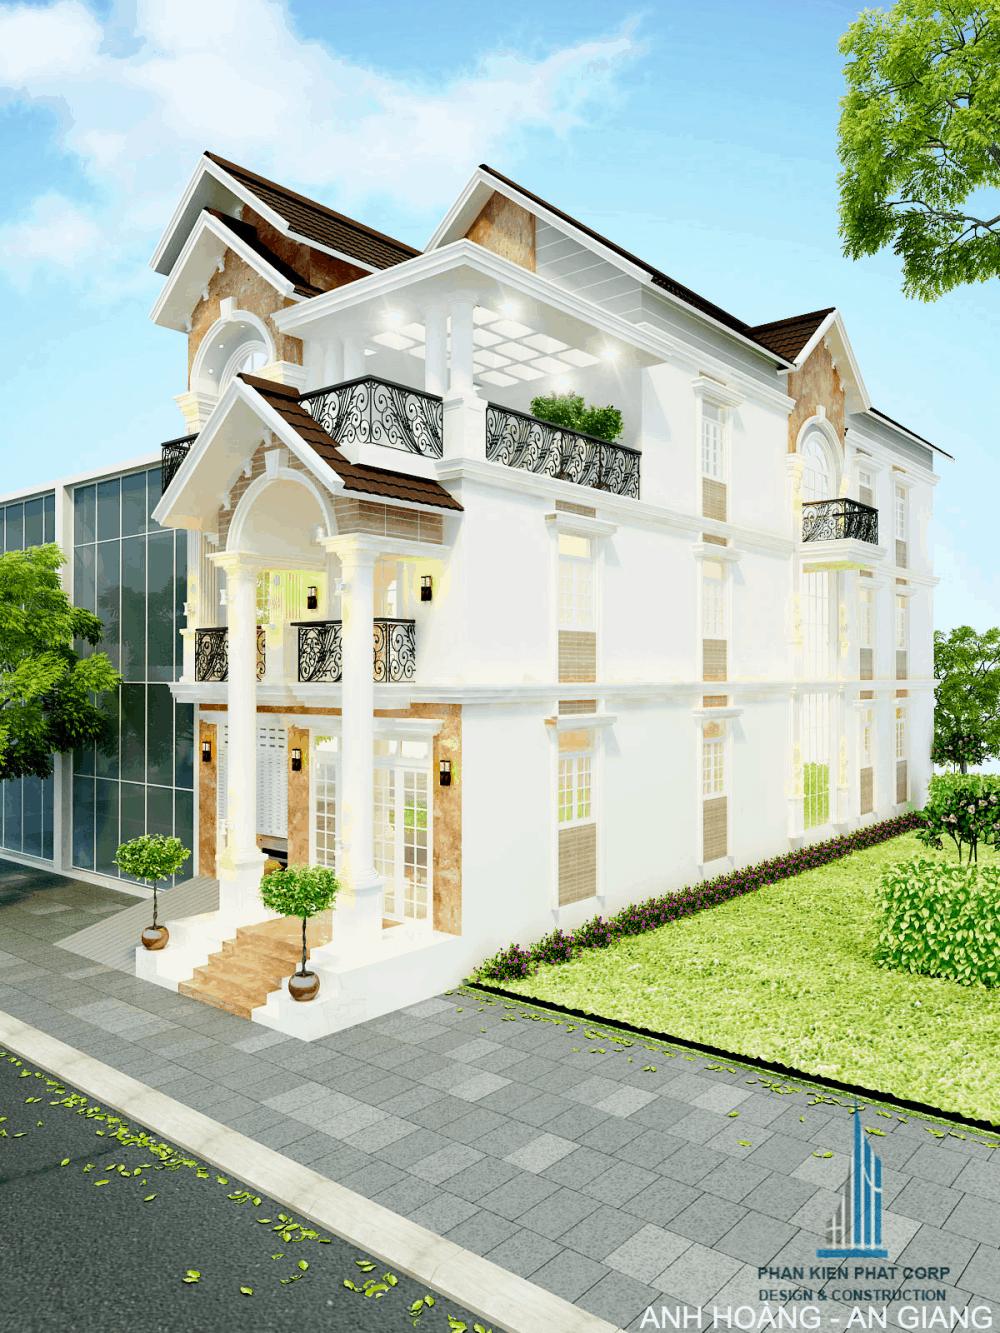 Mẫu thiết kế biệt thự bán cổ điển tại An Giang